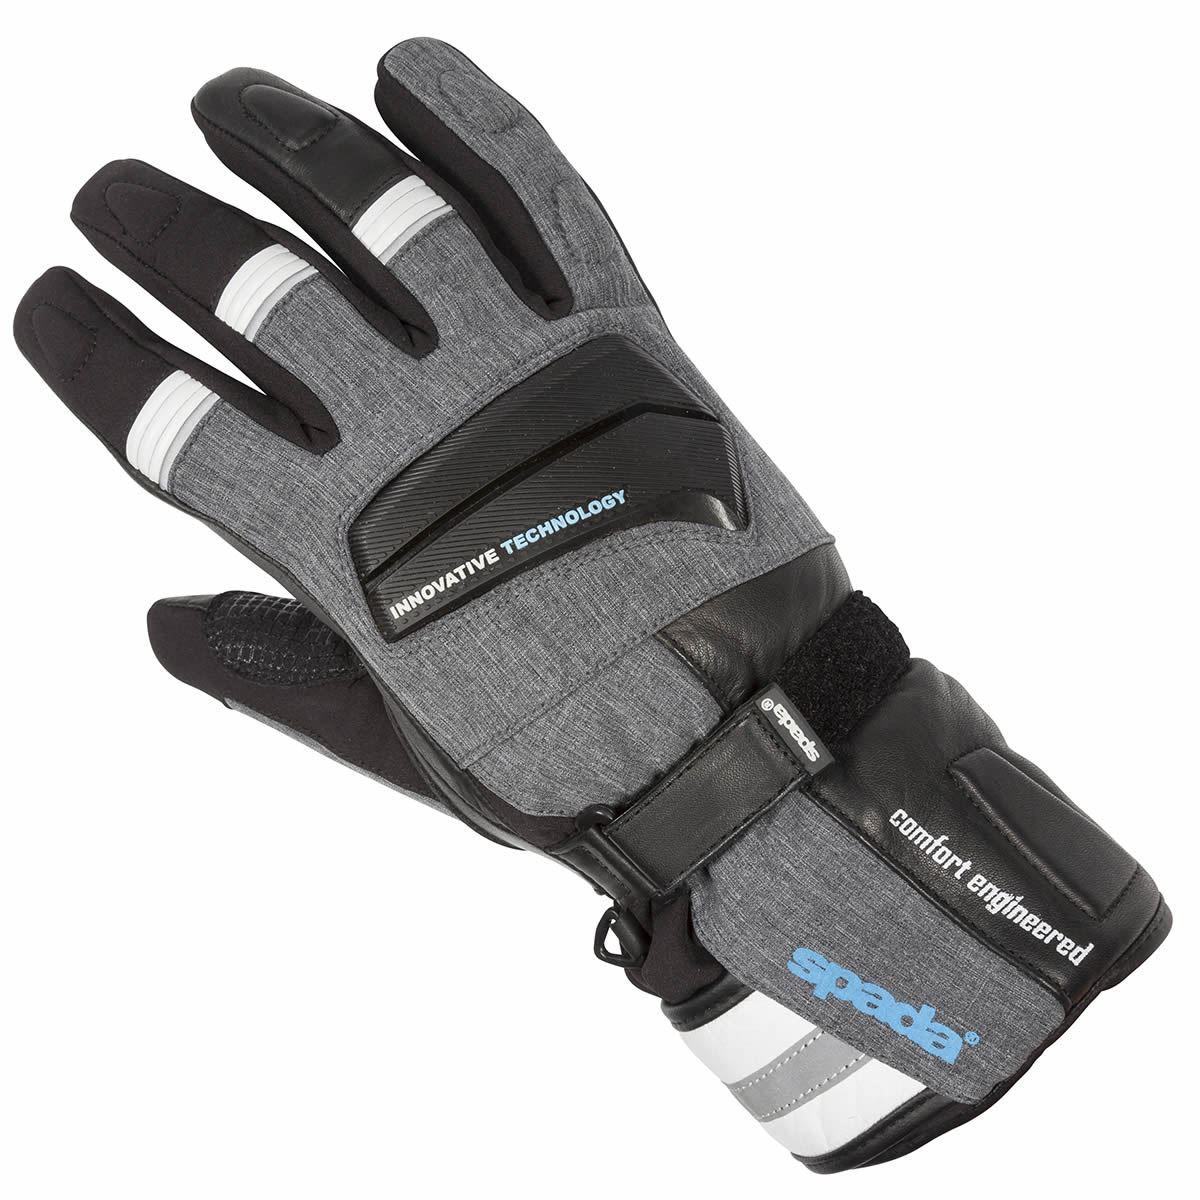 Spada-Latour-Waterproof-Winter-Gloves-Motorcycle-Motorbike-Thermal-Touring thumbnail 14